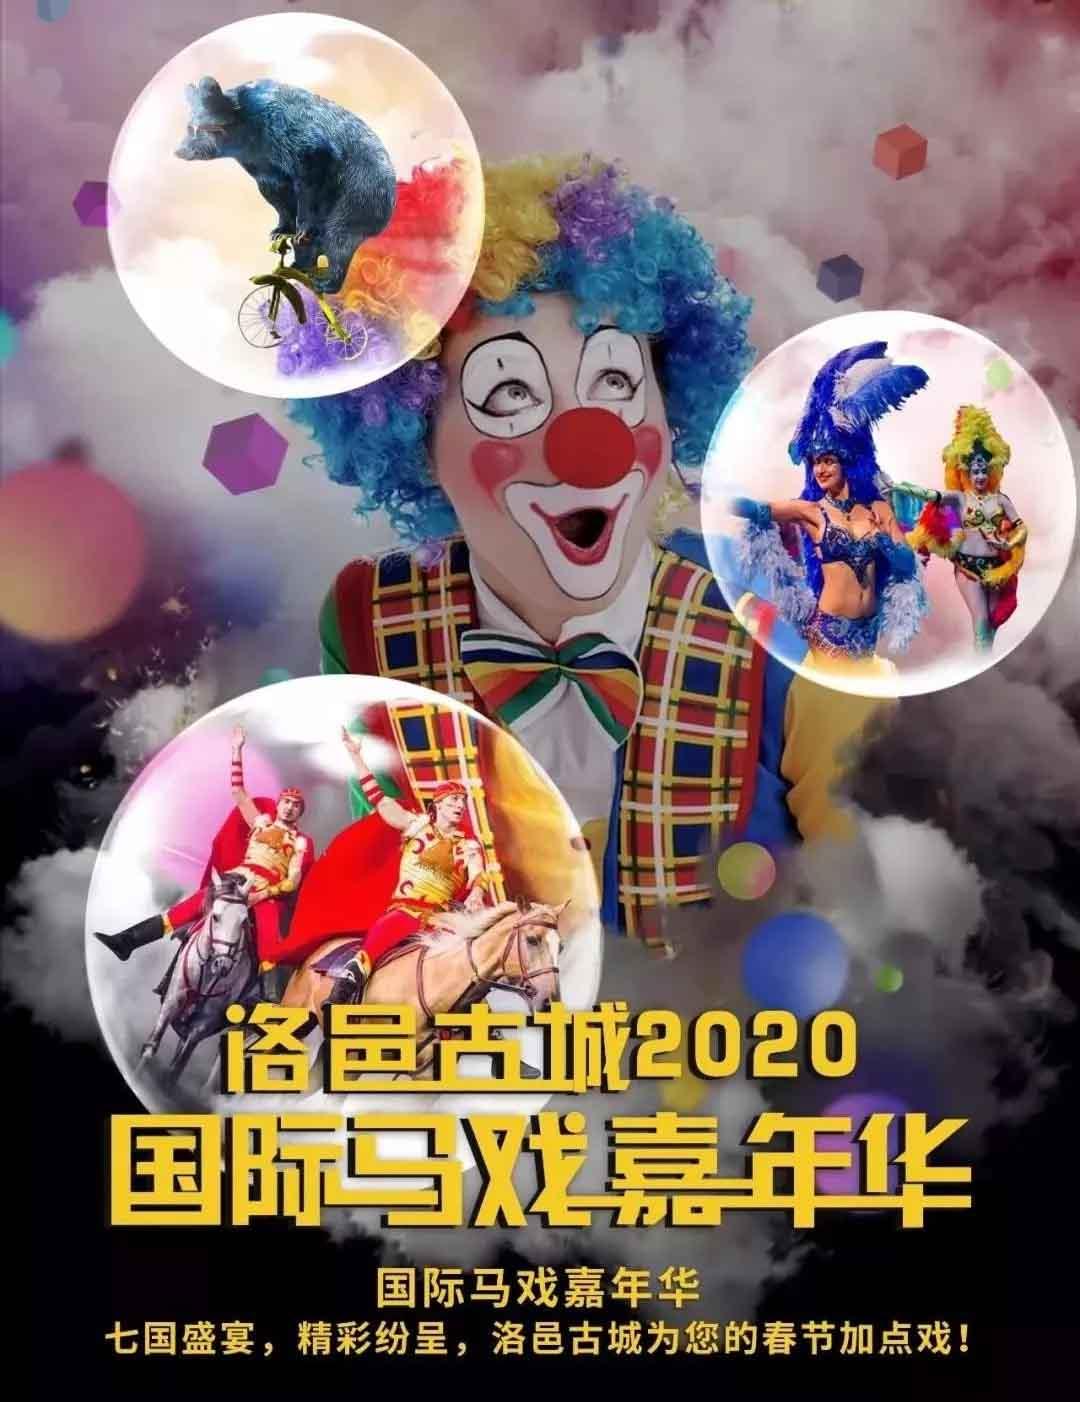 2020洛邑古城春节文化庙会国际马戏嘉年华演出时间、演出详情